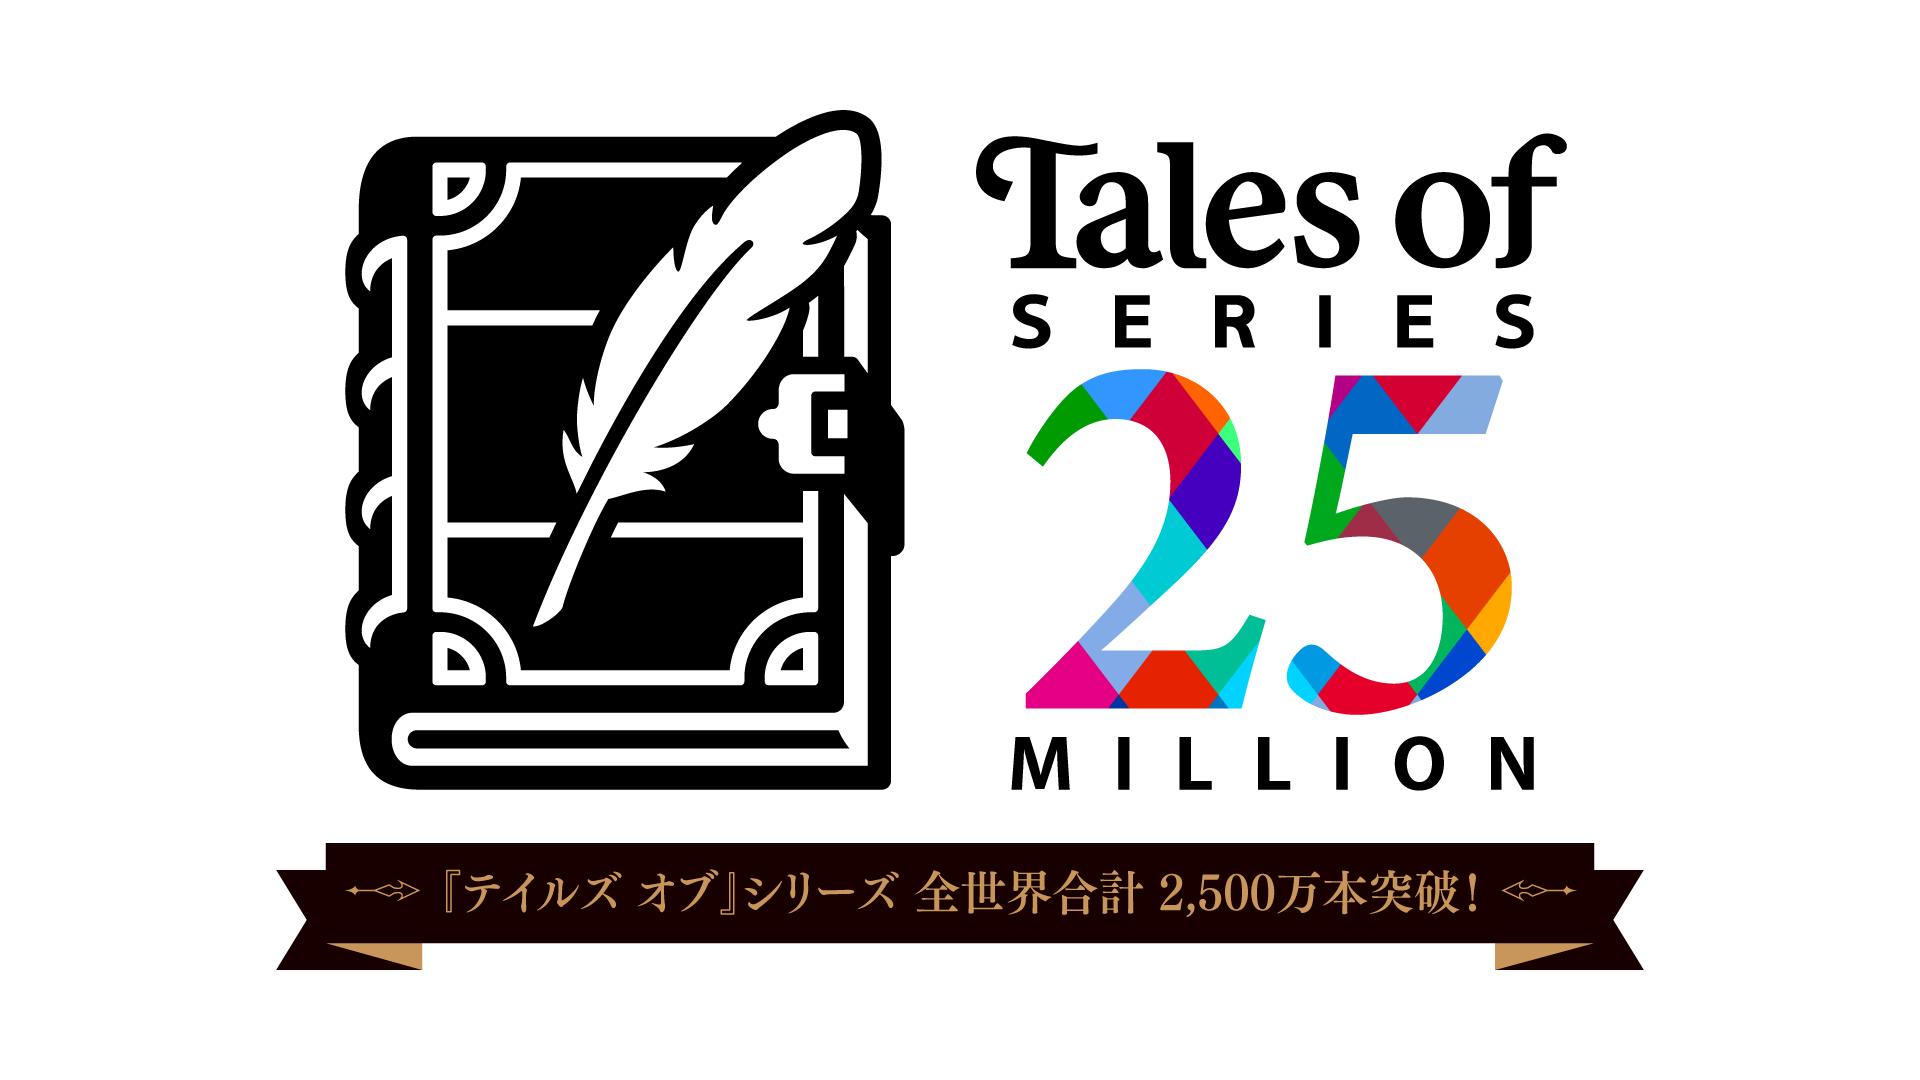 Tales of supera las 25 millones de unidades vendidas en todo el mundo